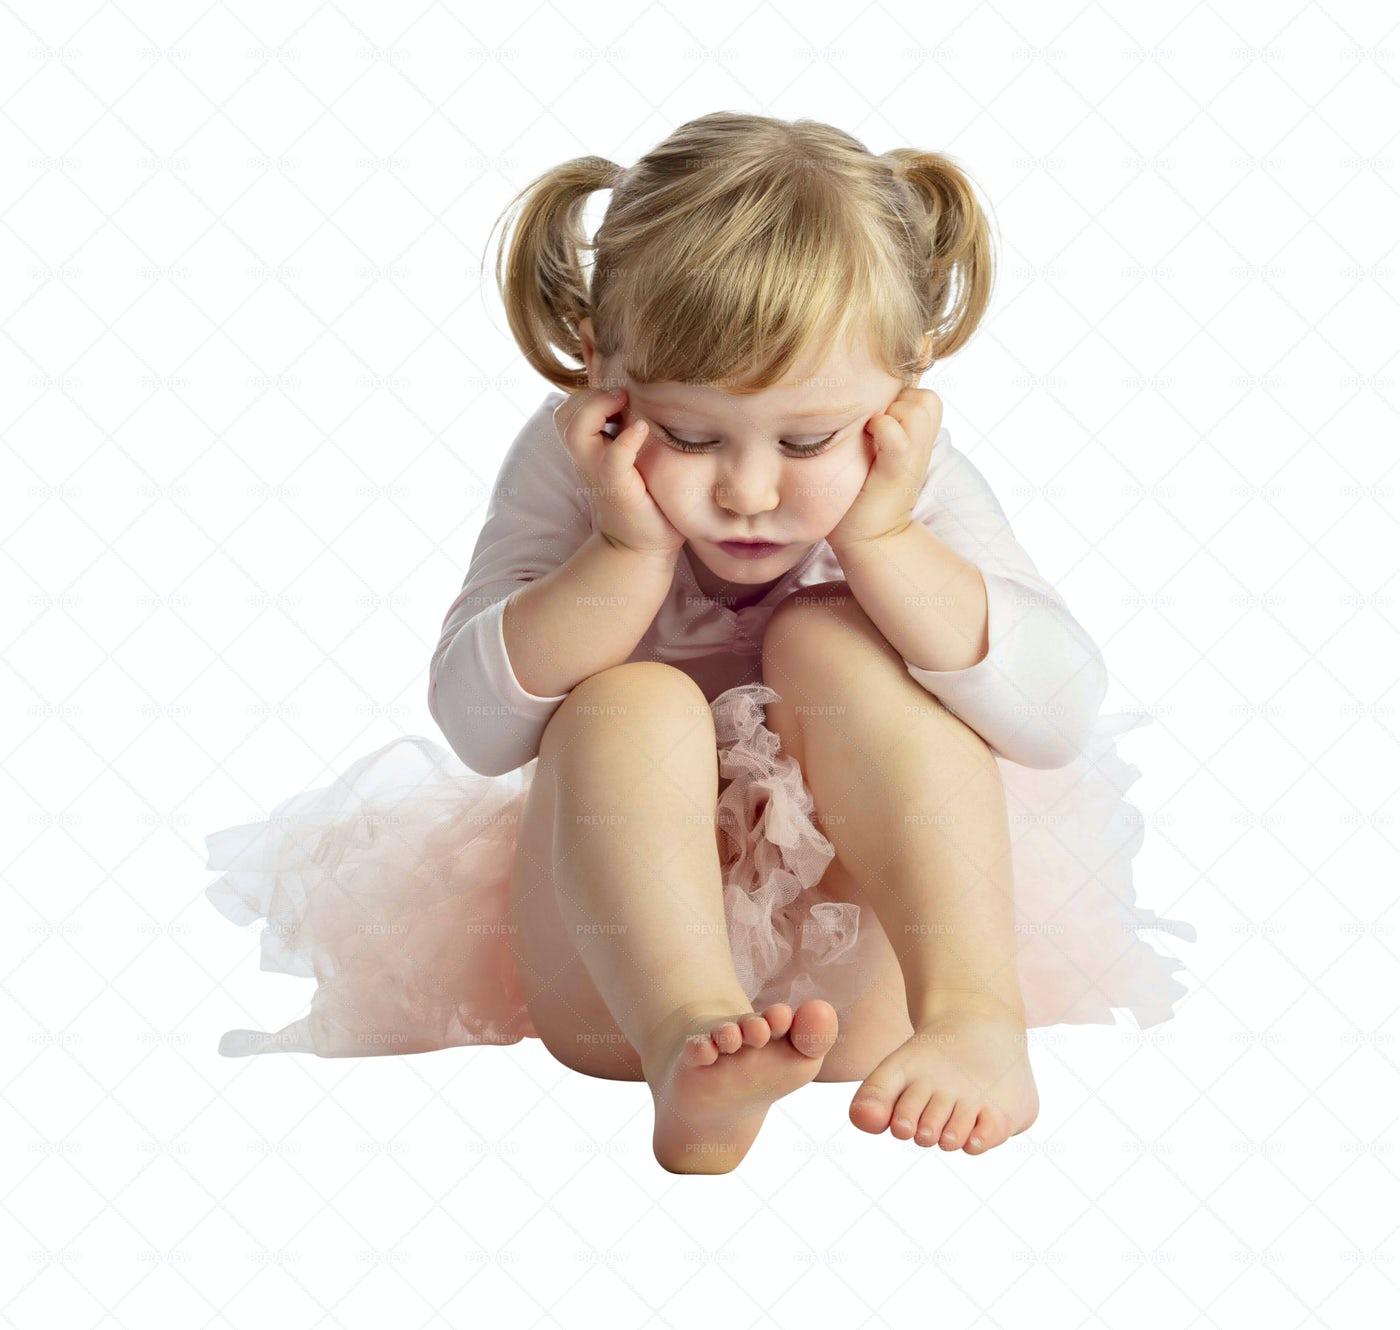 Little Ballerina In Tutu Isolated: Stock Photos